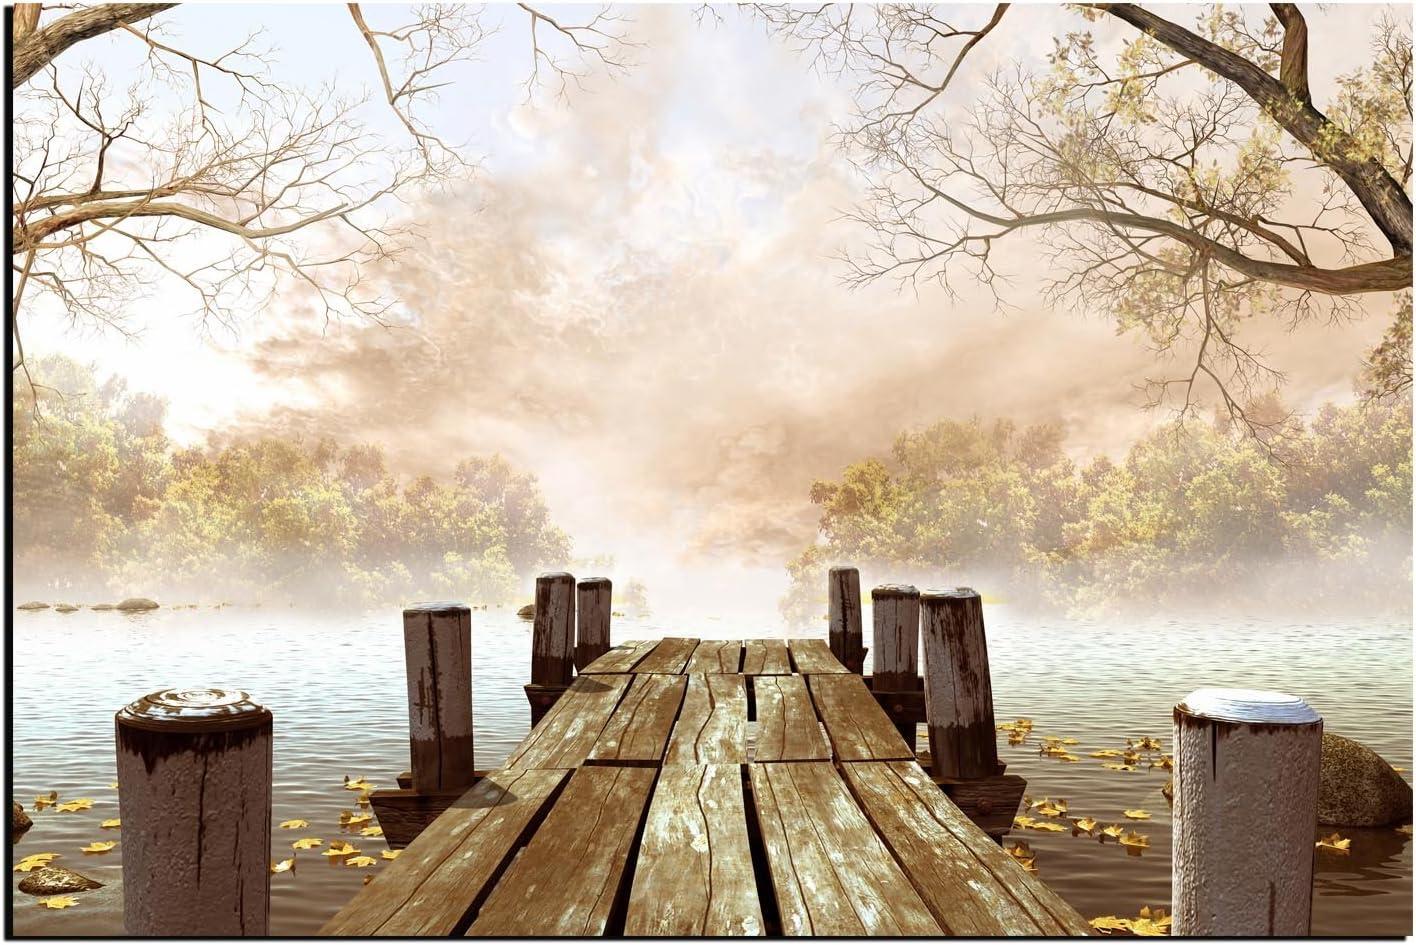 Alu-Dibond Wandbild Frühlingstag am See mit Boot in der Natur AB-674 Butlerfinis